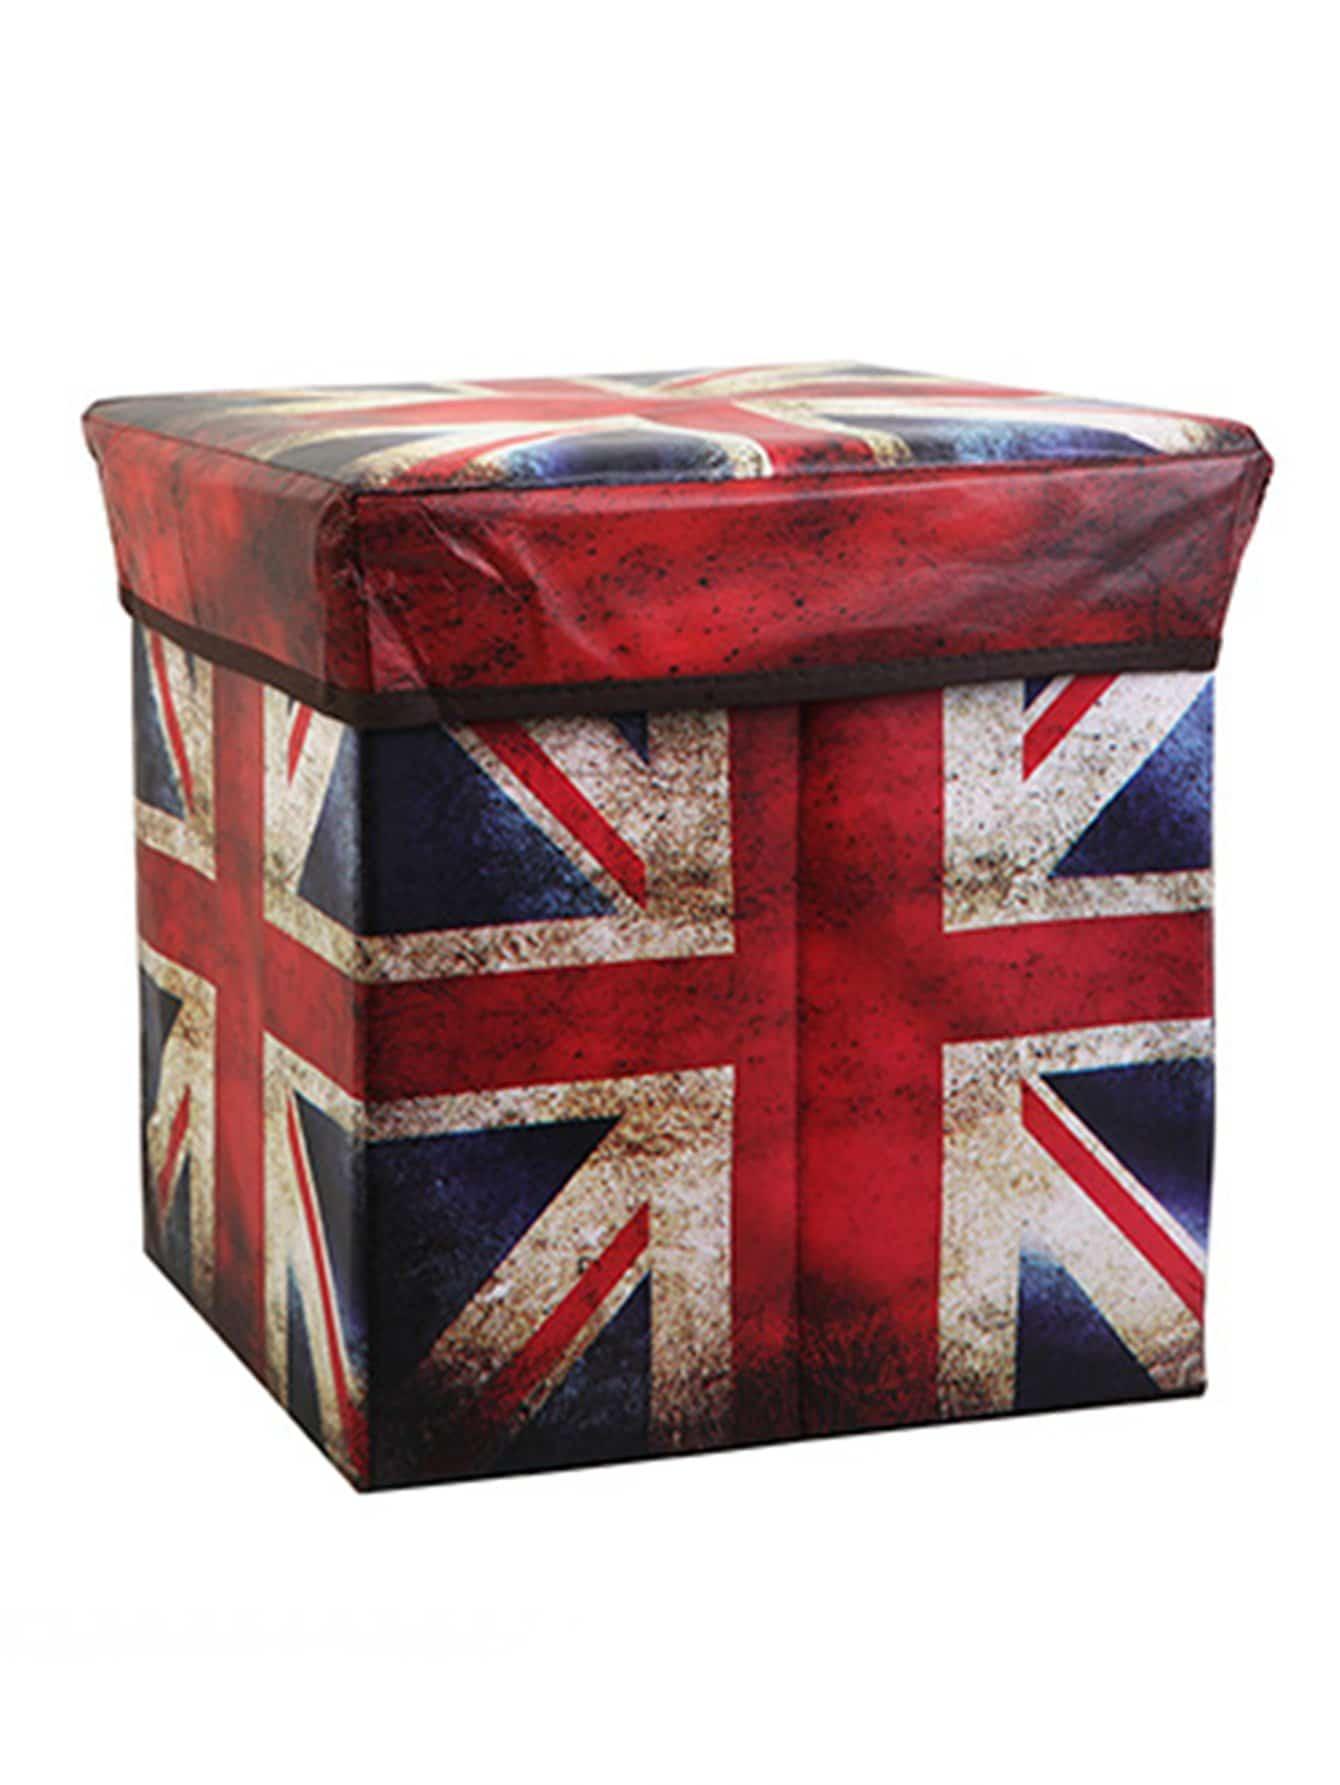 Ящик для хранения с принтом геометрических фигур